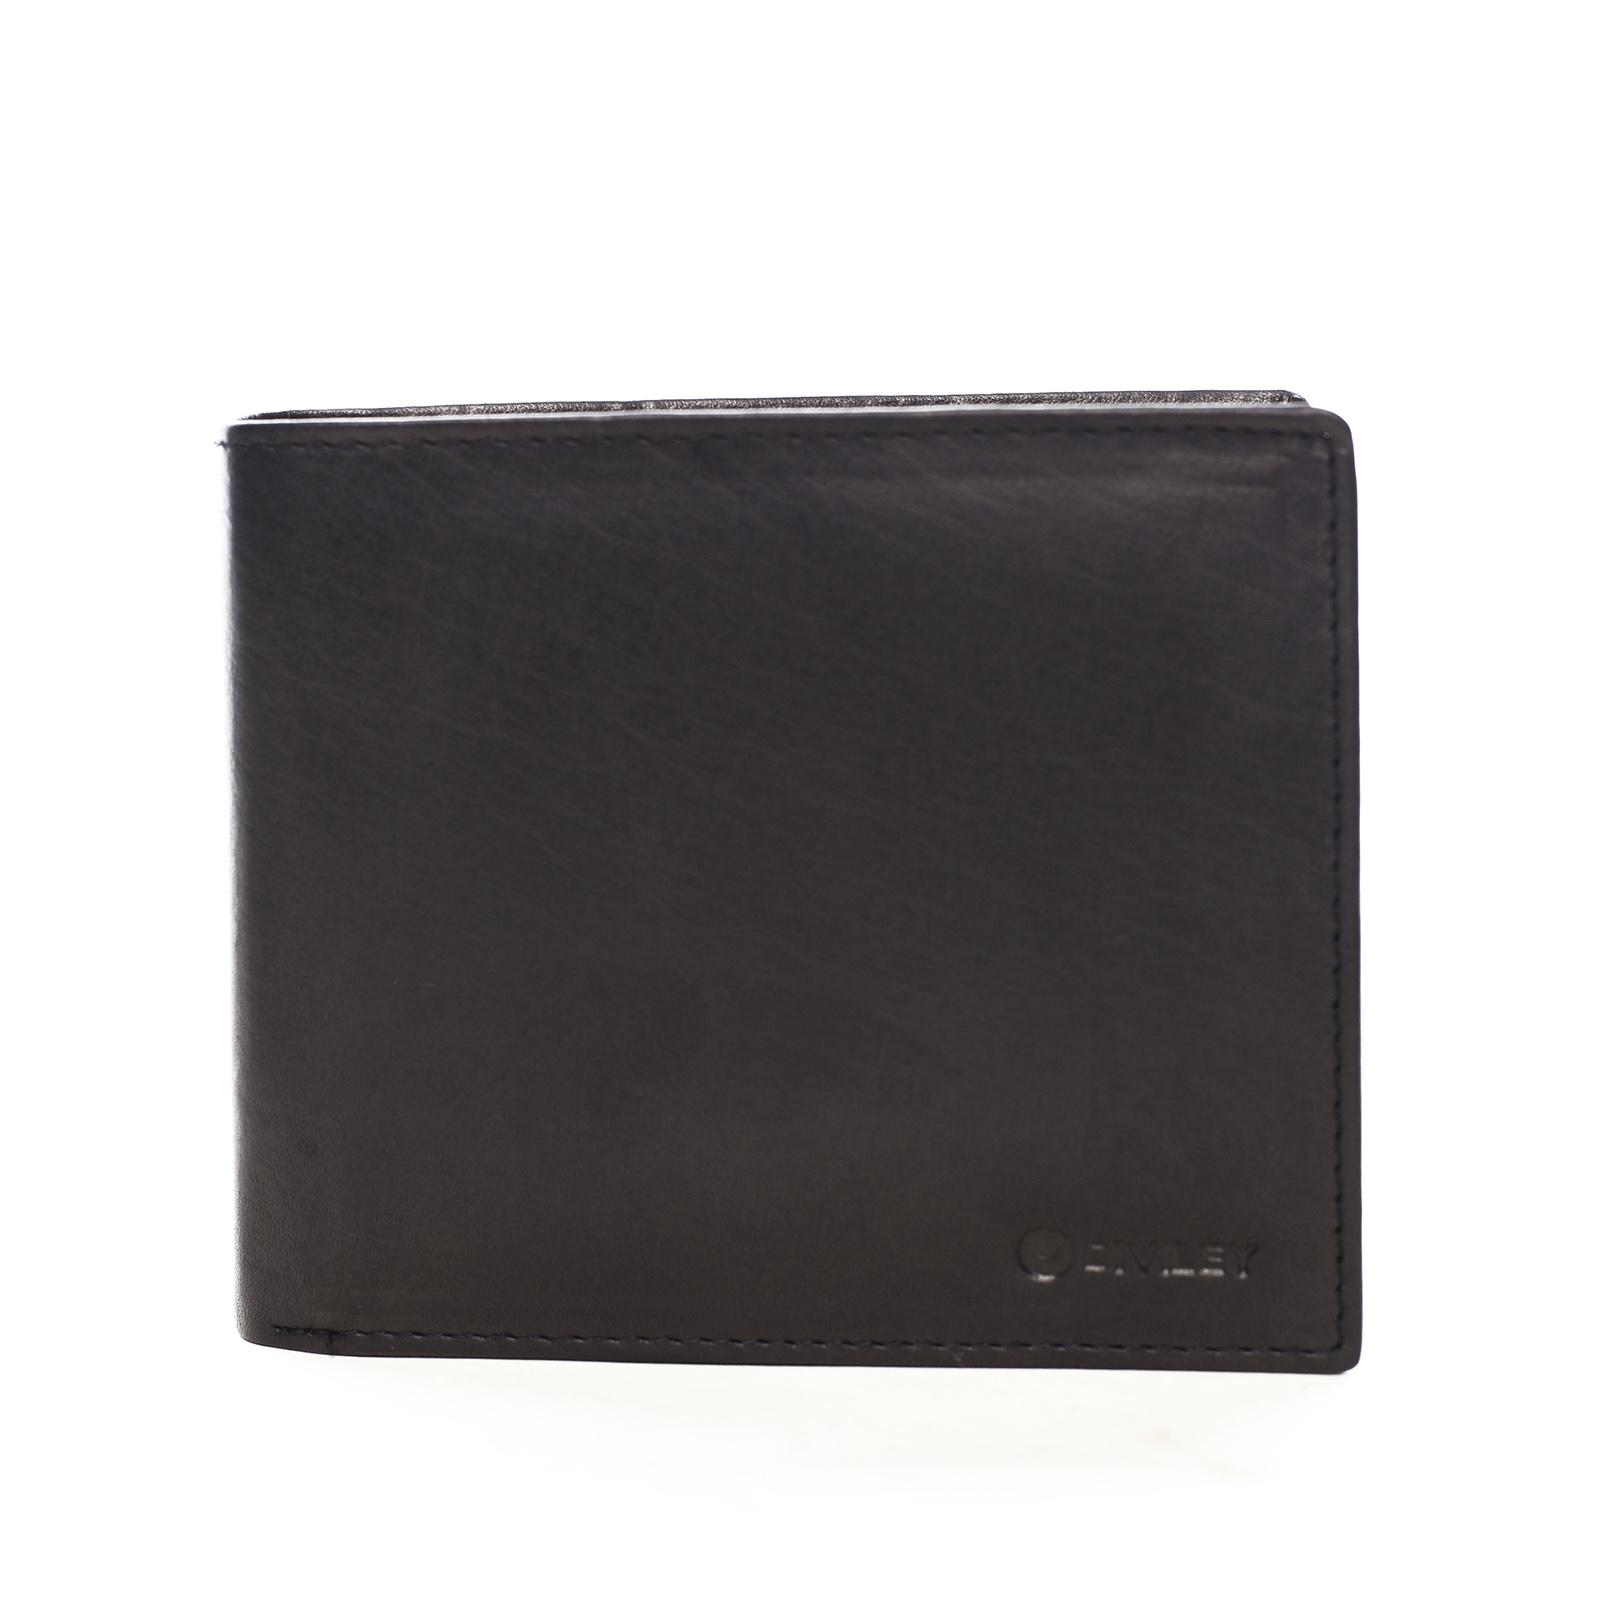 Pánska kožená peňaženka čierna - Diviley Anton čierna